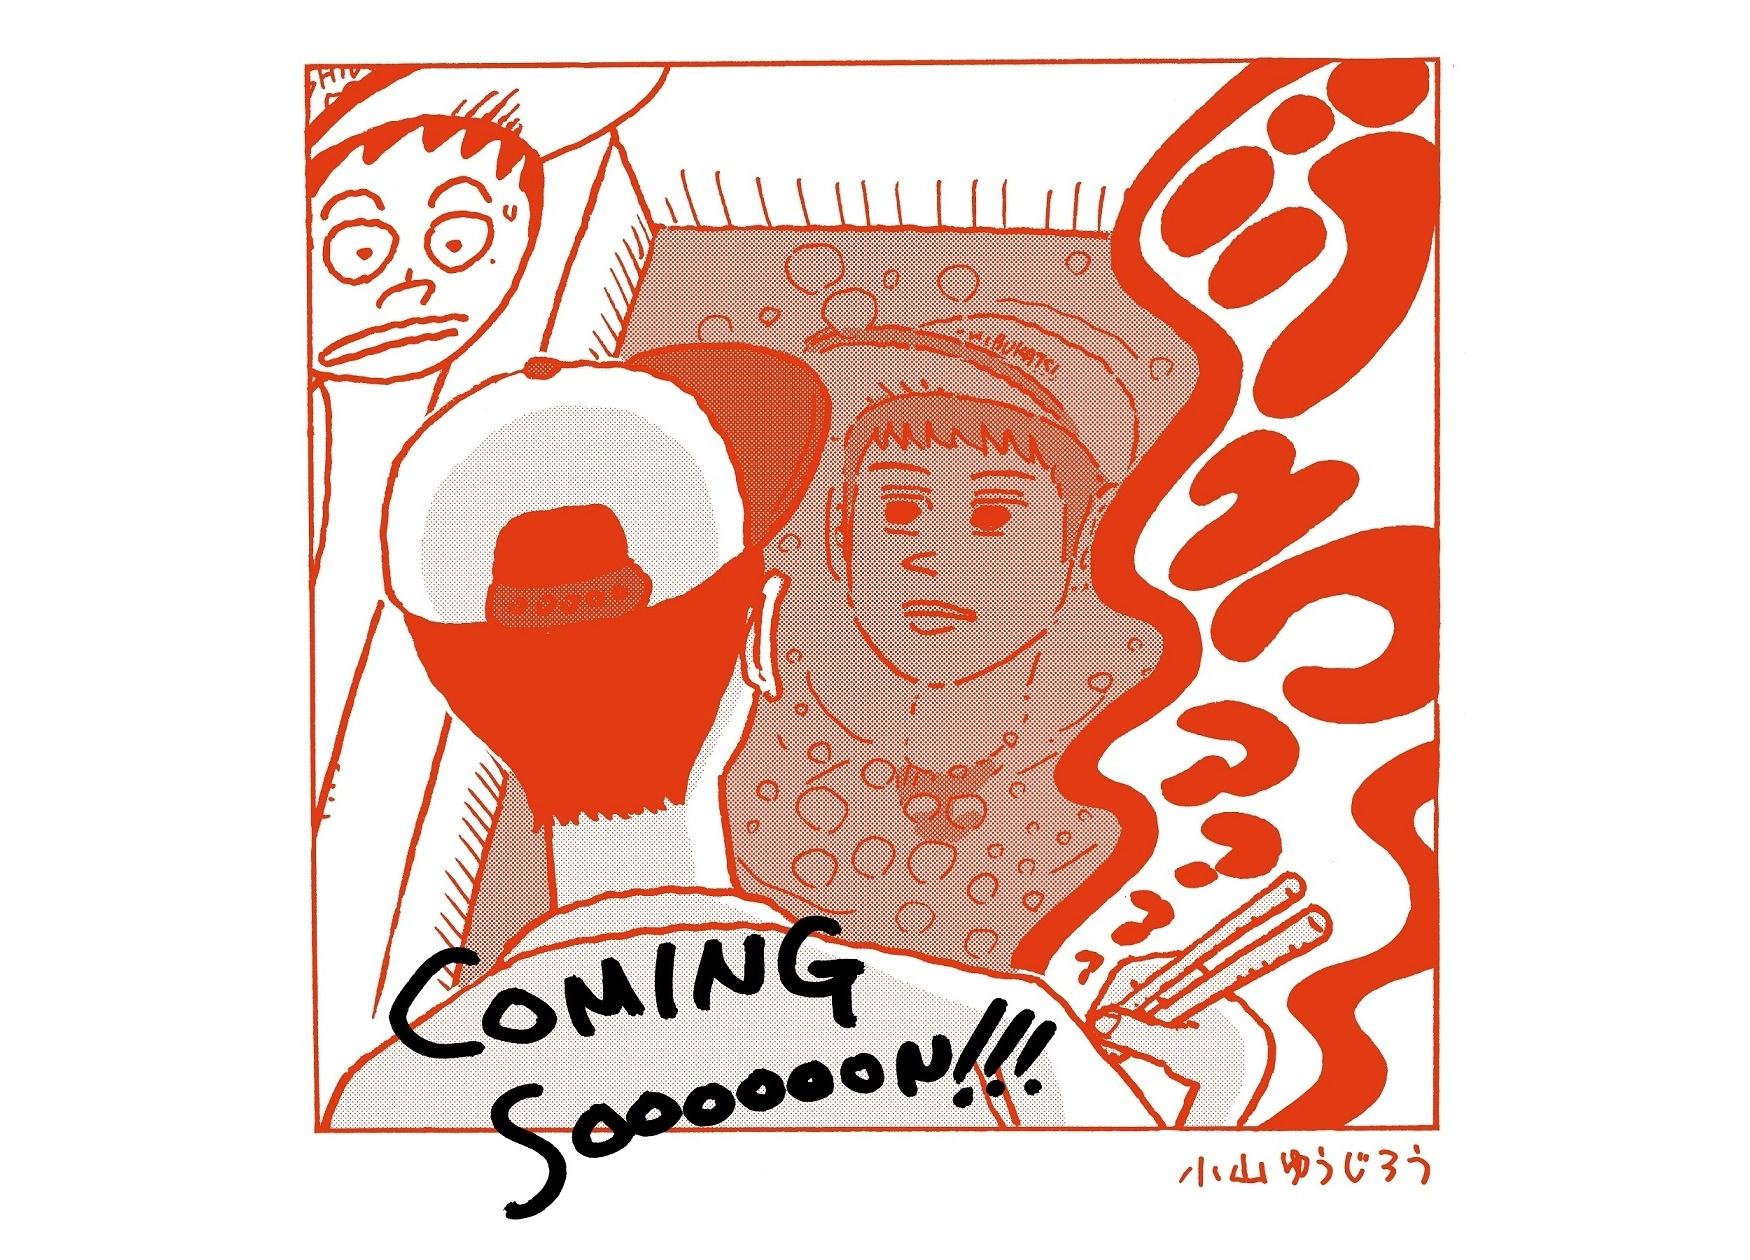 伝説のギャグ漫画『とんかつDJアゲ太郎』実写映画化